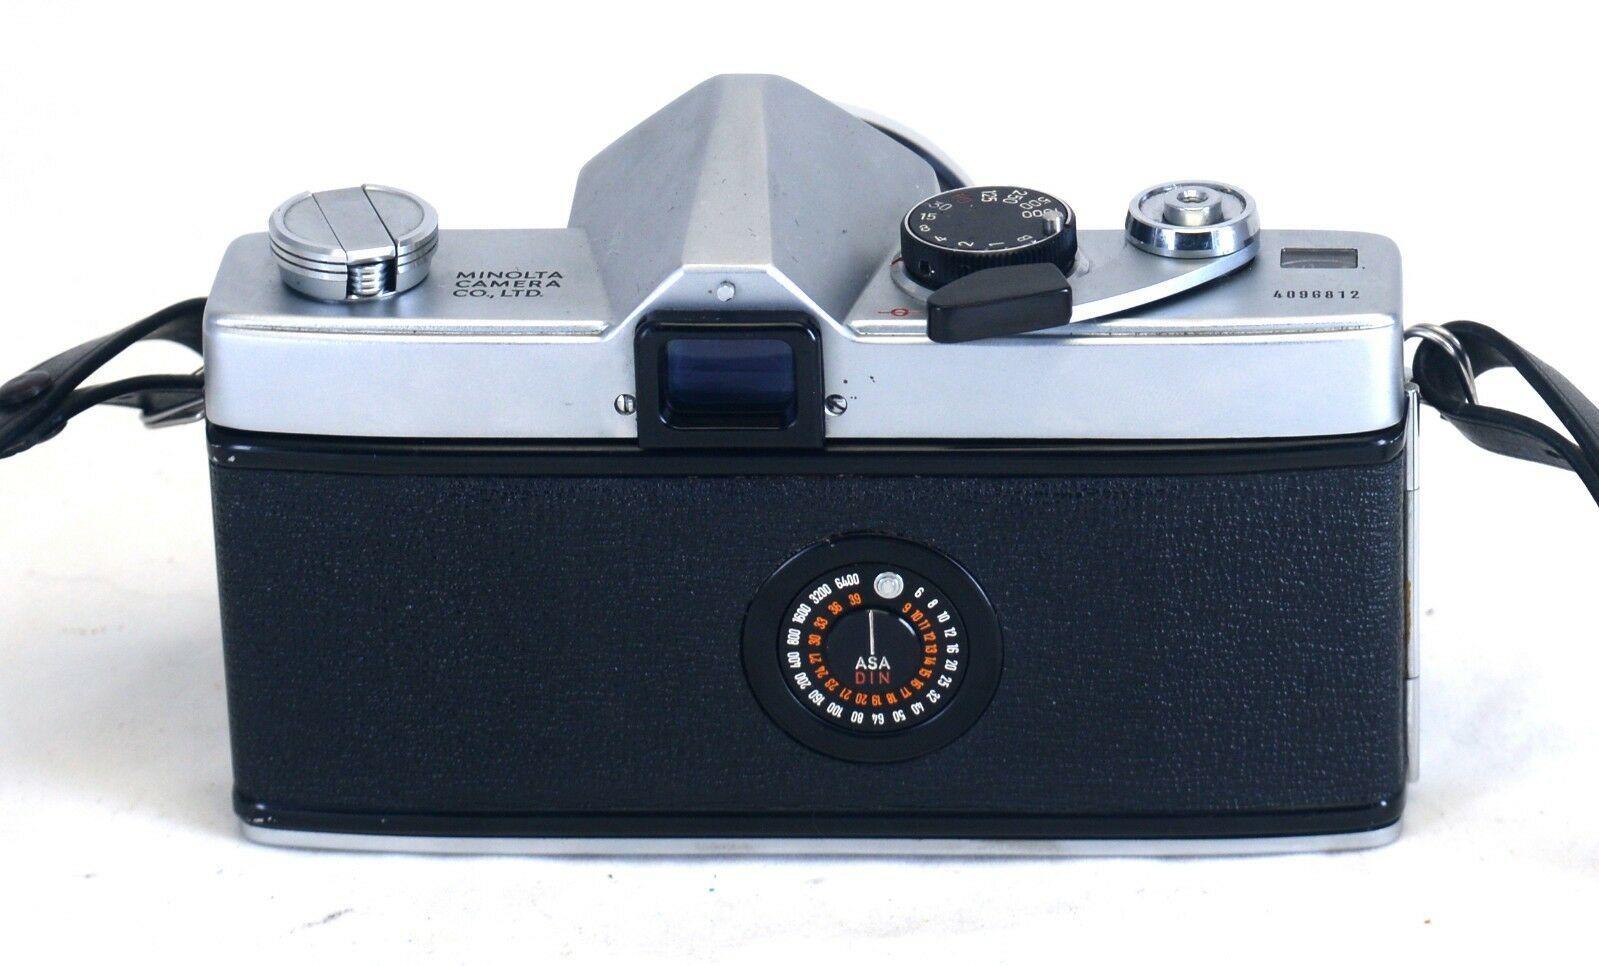 MINOLTA SR-1s VINTAGE 35mm Film SLR Camera ROKKOR-PF f/1.8 55mm Lens JAPAN